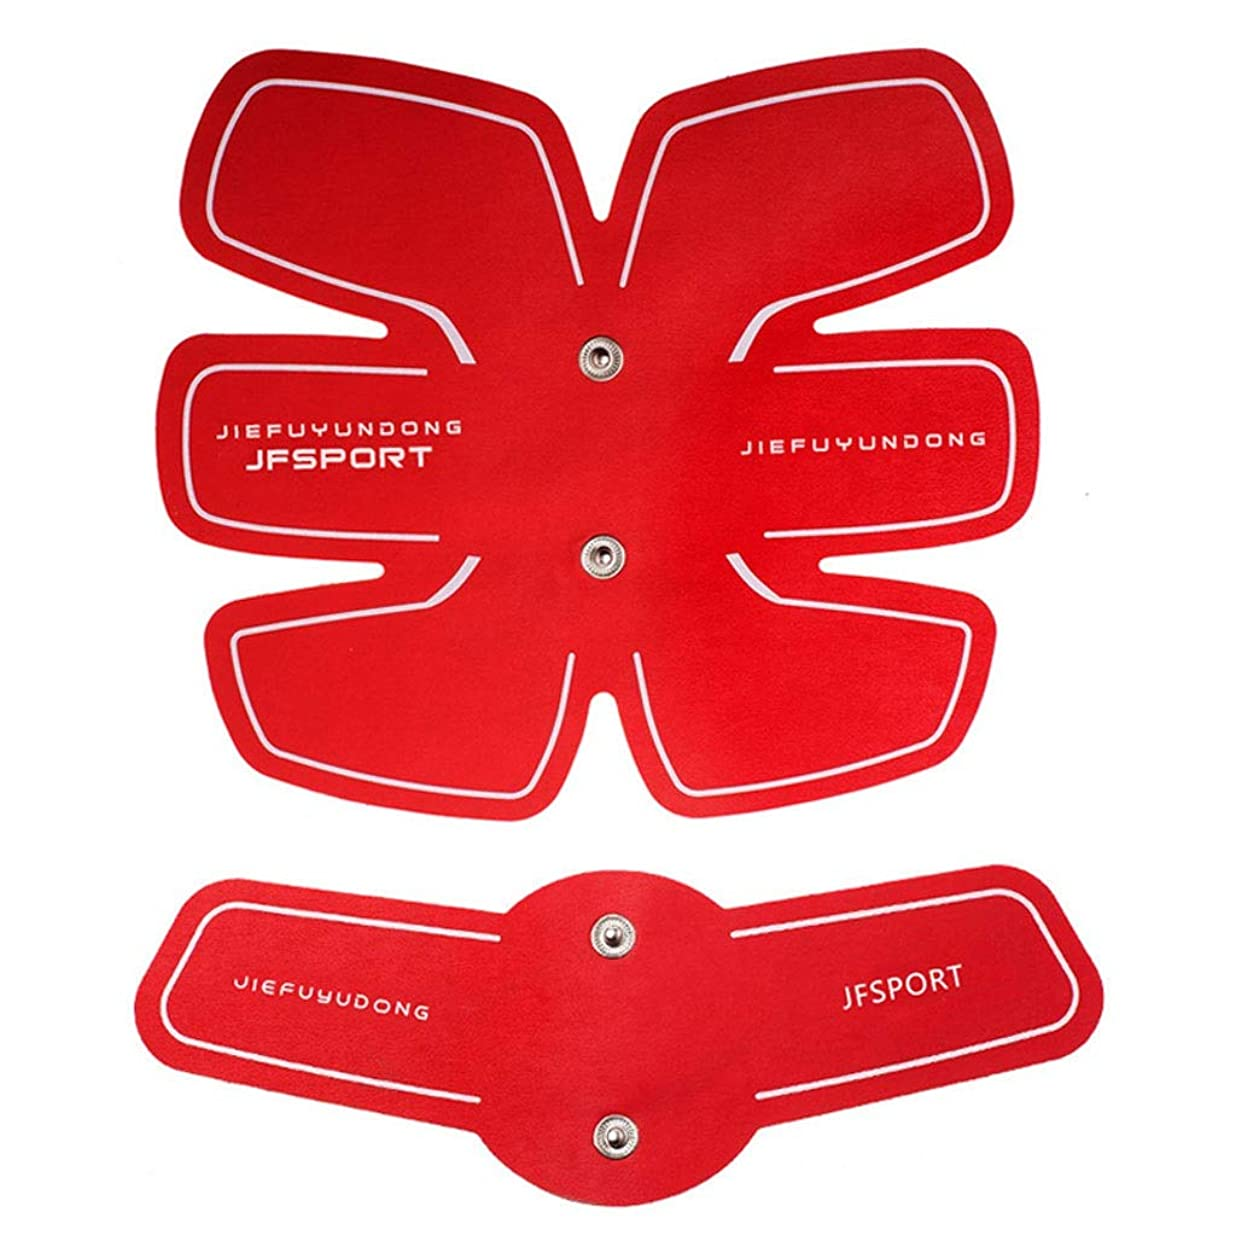 引き受ける軽くレンドEms筋肉刺激装置、腹筋トレーナー腹筋トナー腹筋トレーナーフィットネストレーニングギアabsフィット重量筋肉トレーニング調色ジムトレーニングマシン (Color : Red, Size : A+B)